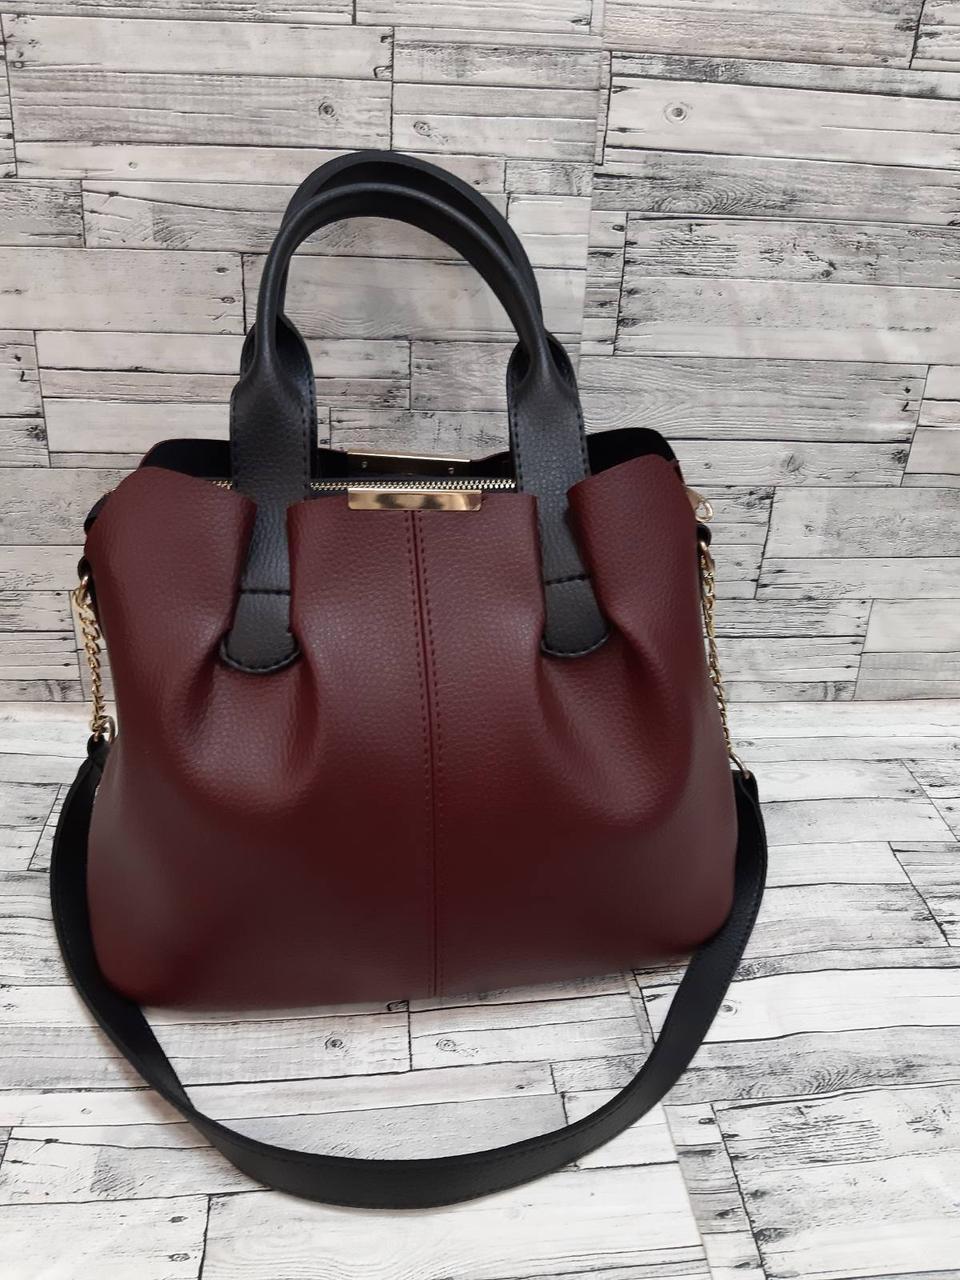 Стильна Жіноча Сумочка сумка з еко-шкіри. Бордо/Чорний